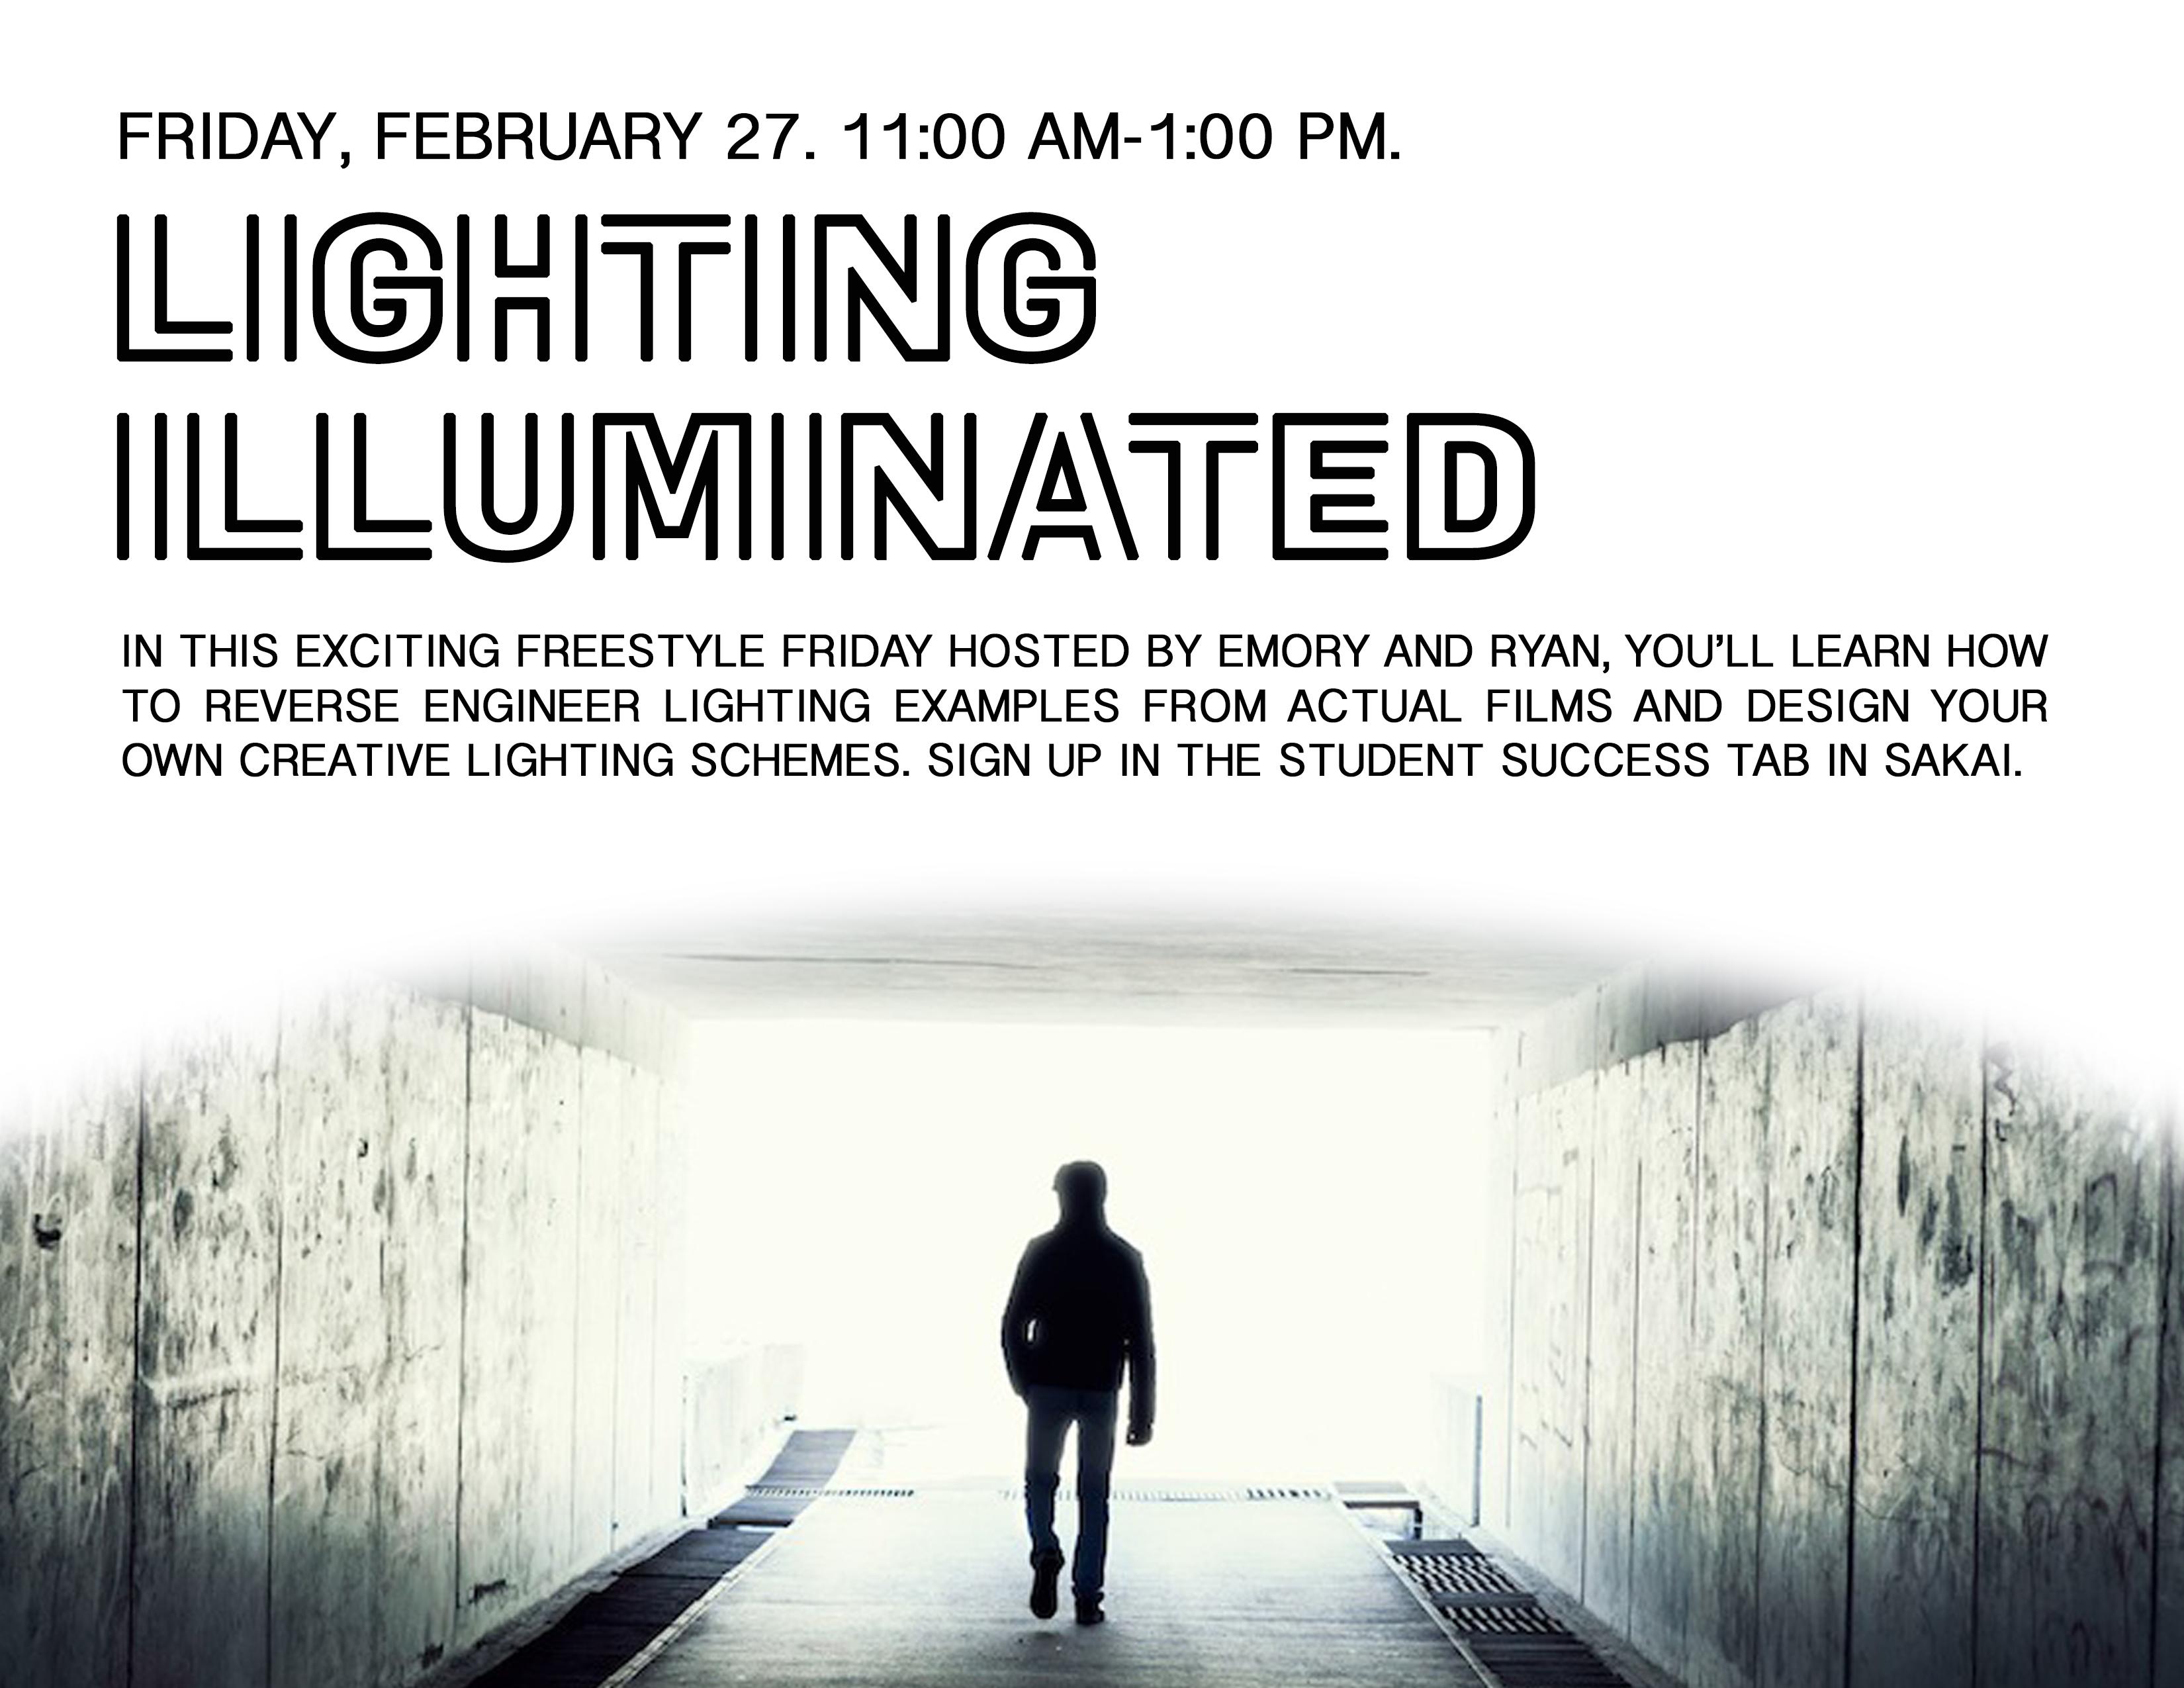 Lighting_Illuminated_Flyer